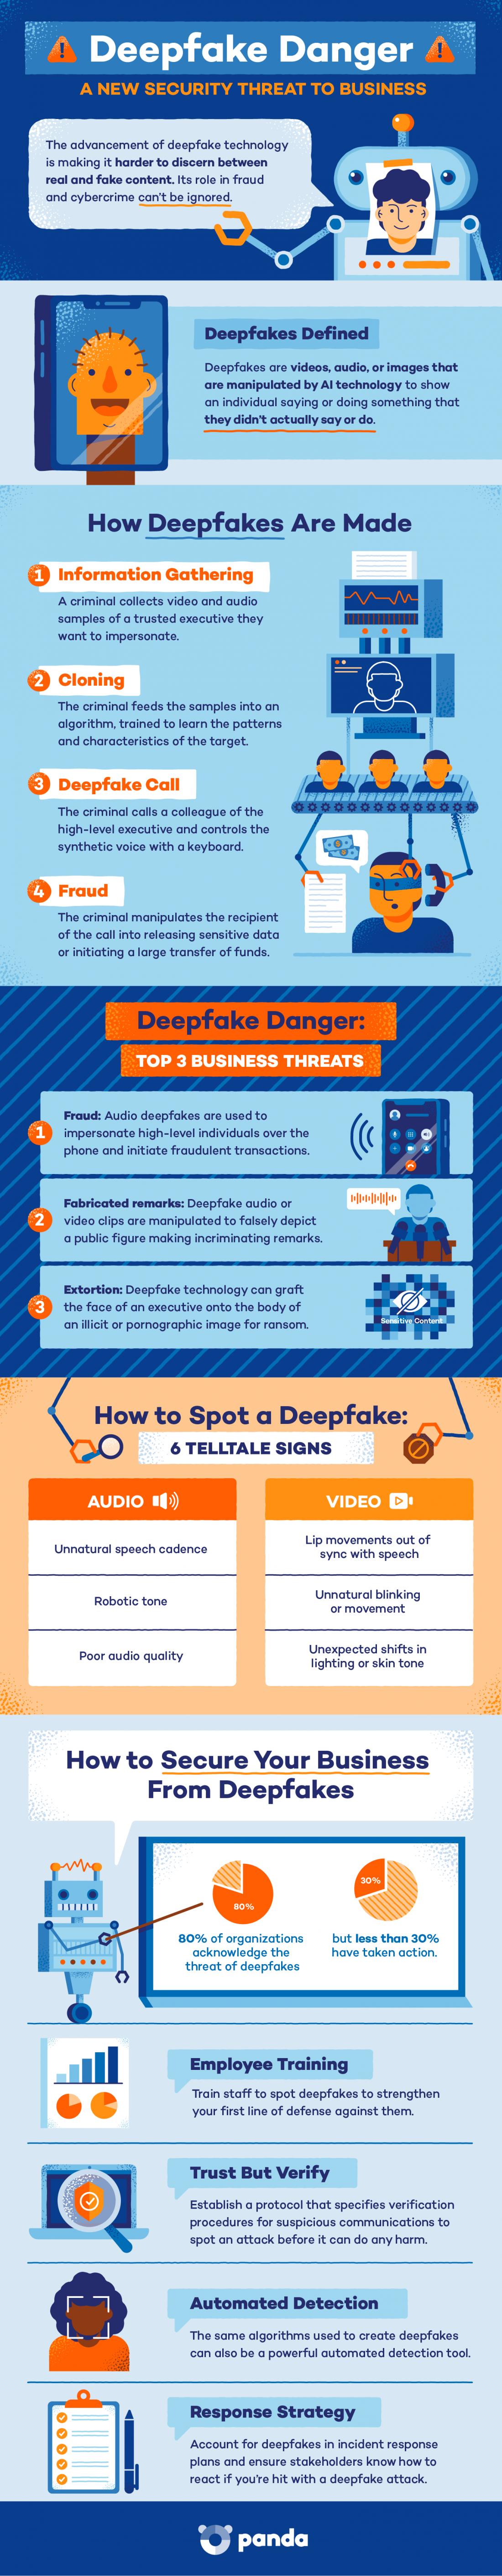 deepfake-danger